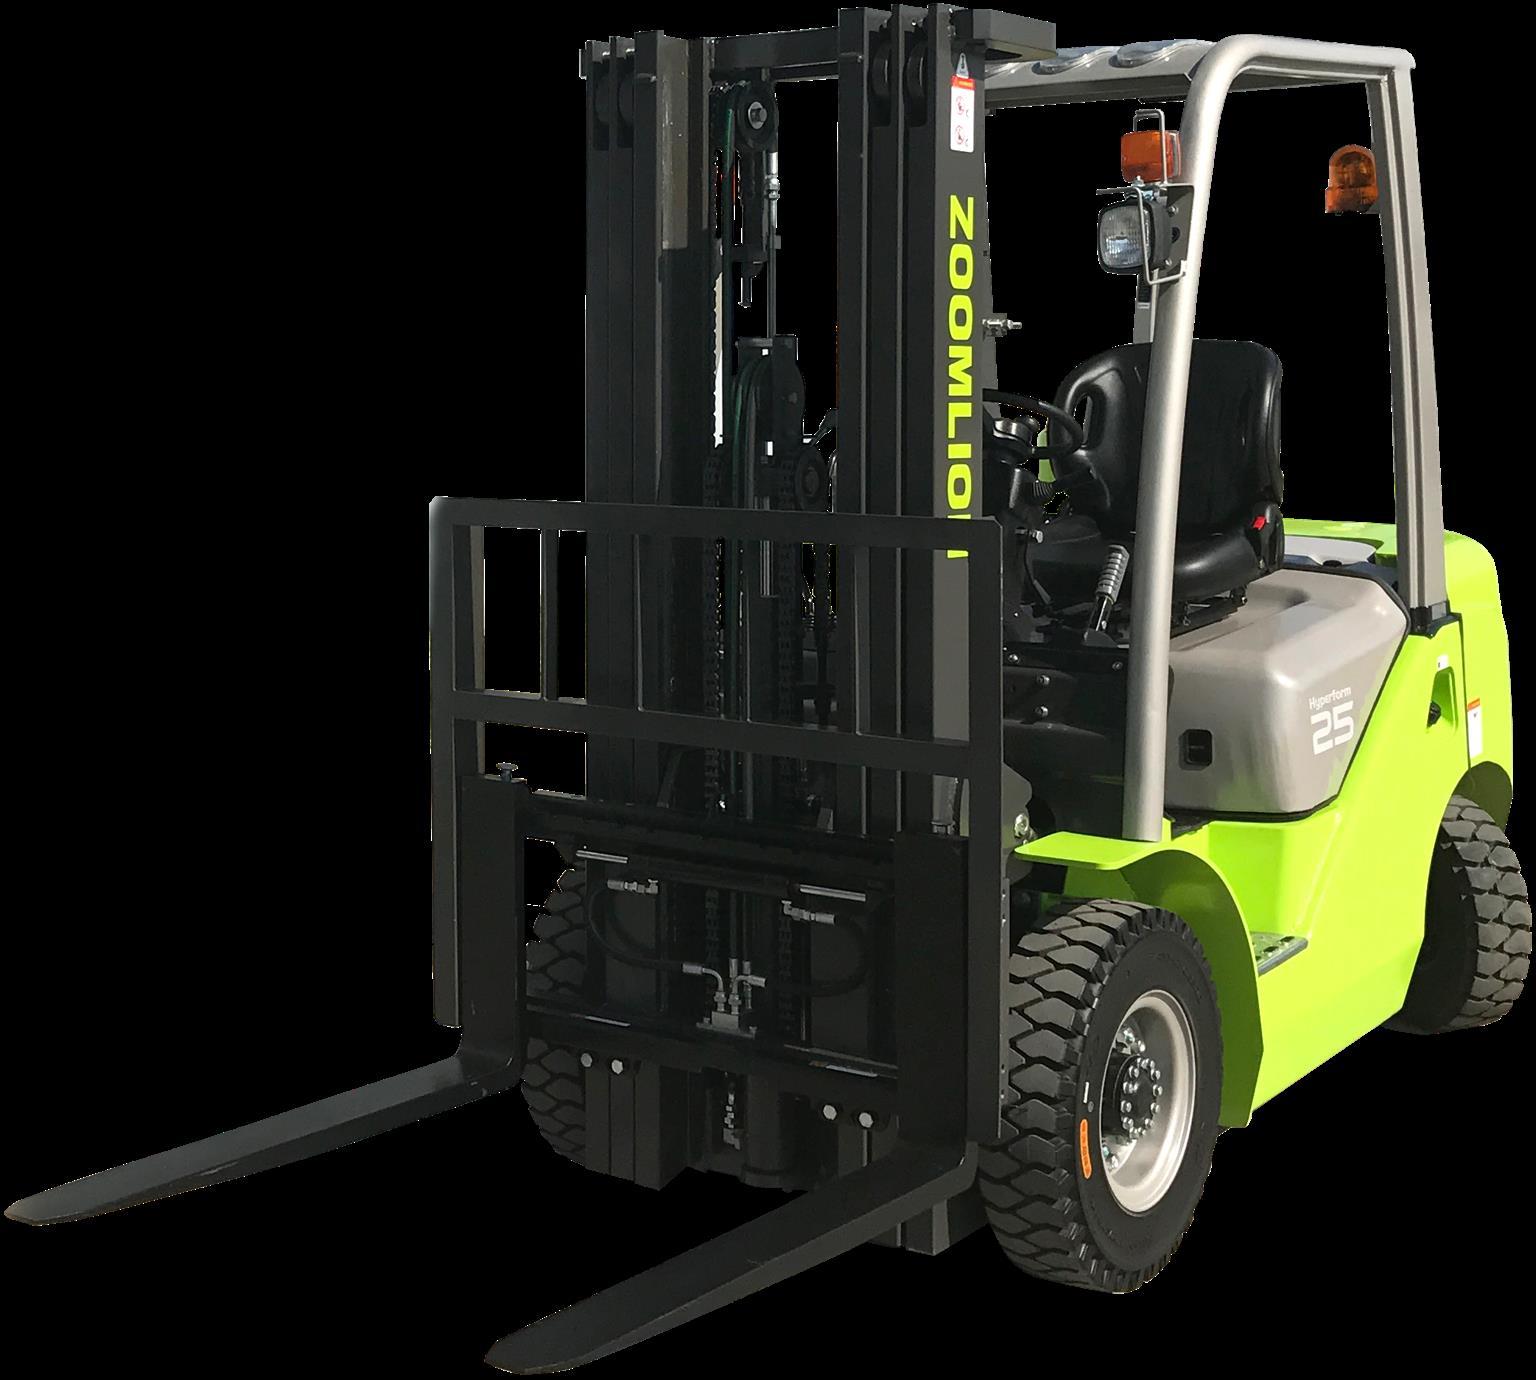 Diesel Forklifts 2-16 Ton for sale